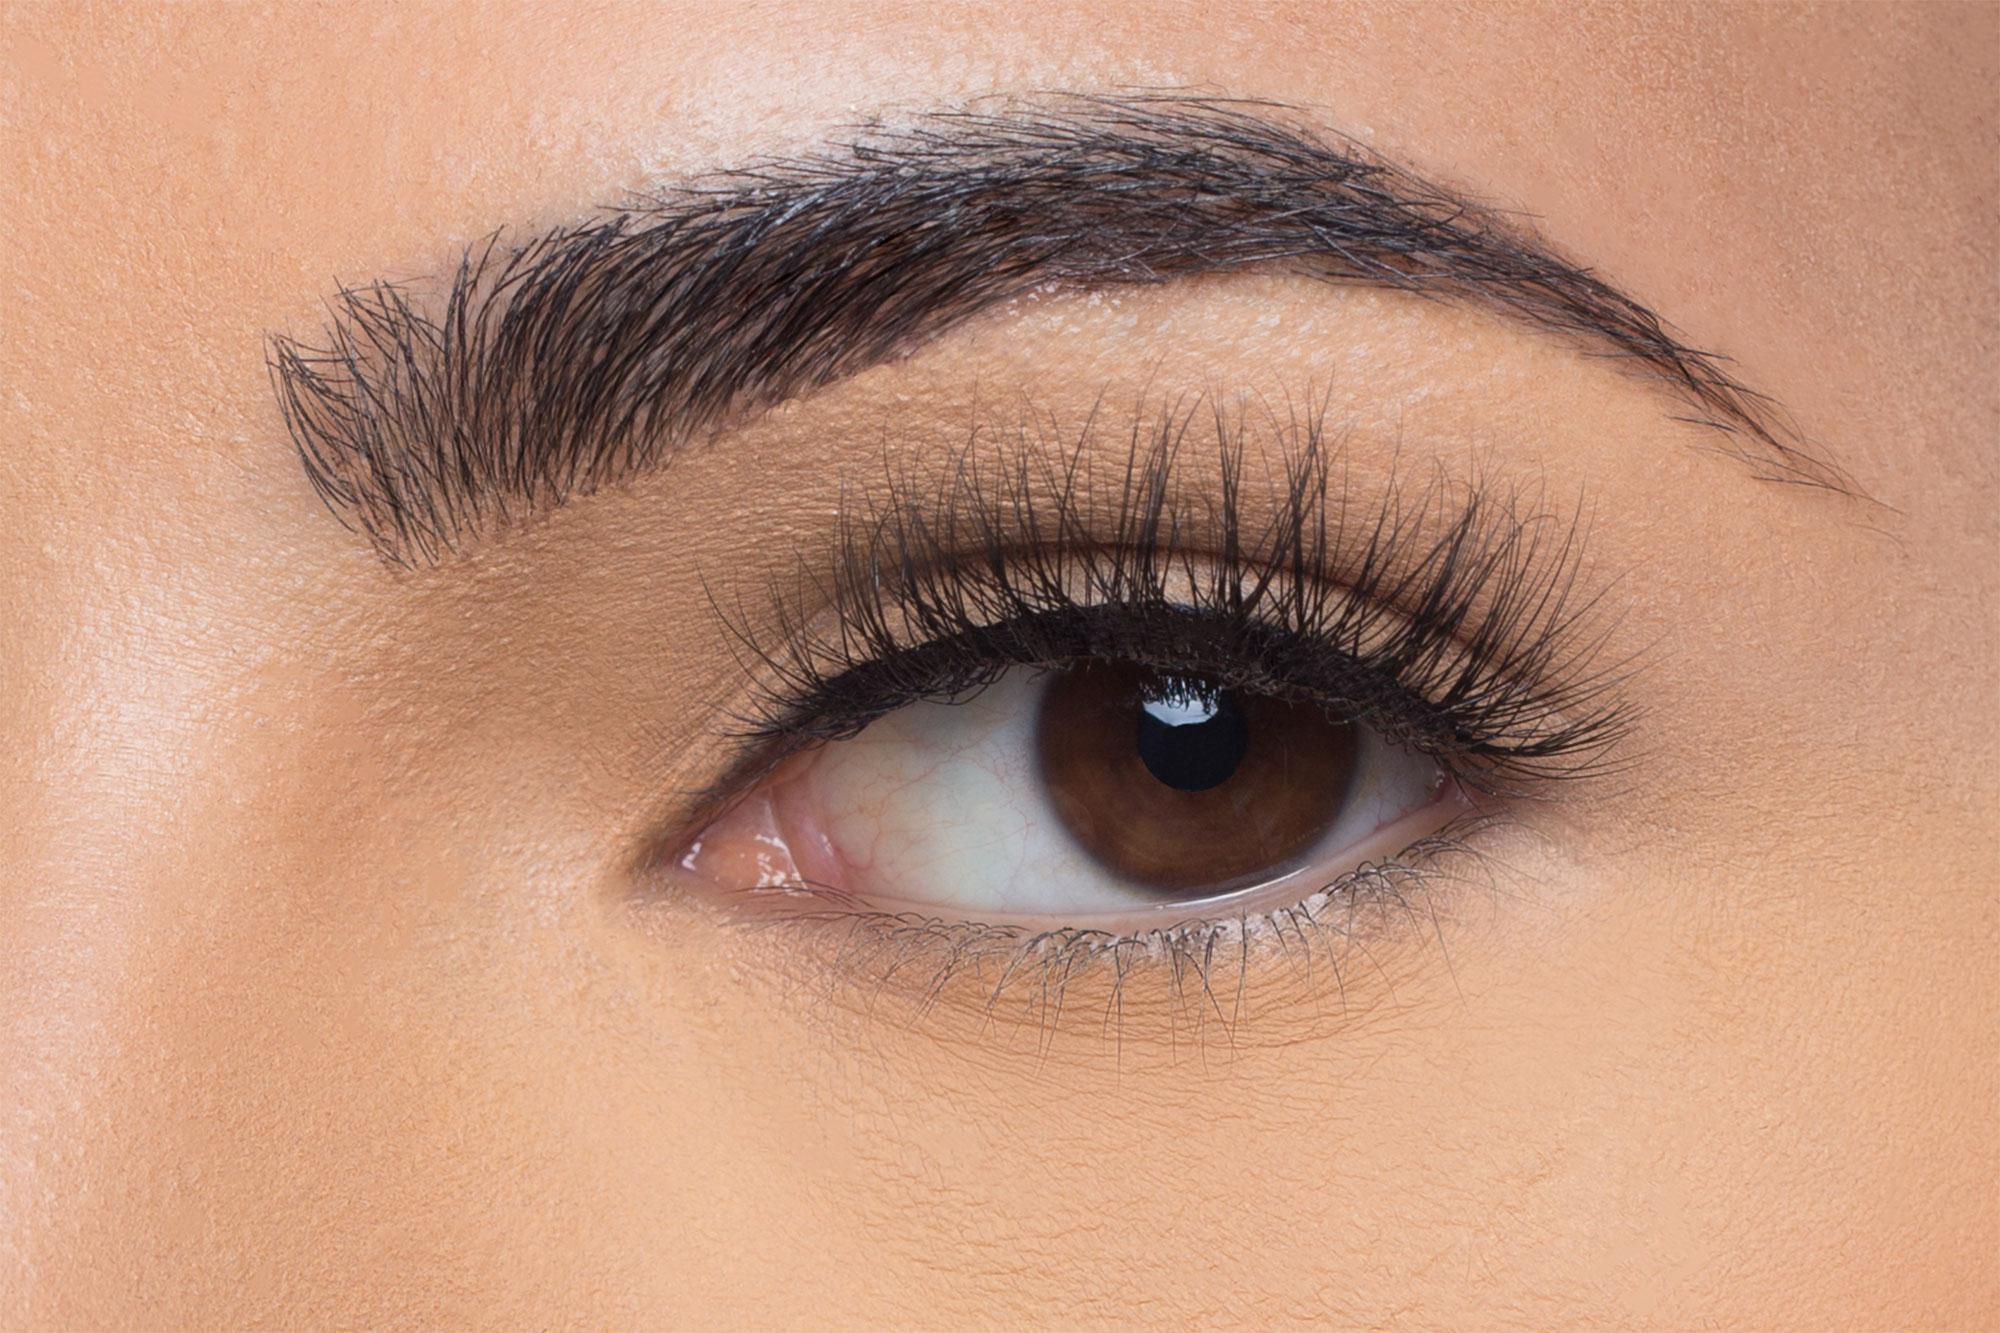 Eva Mink Lashes, close up of ladies eye wearing false eyelash